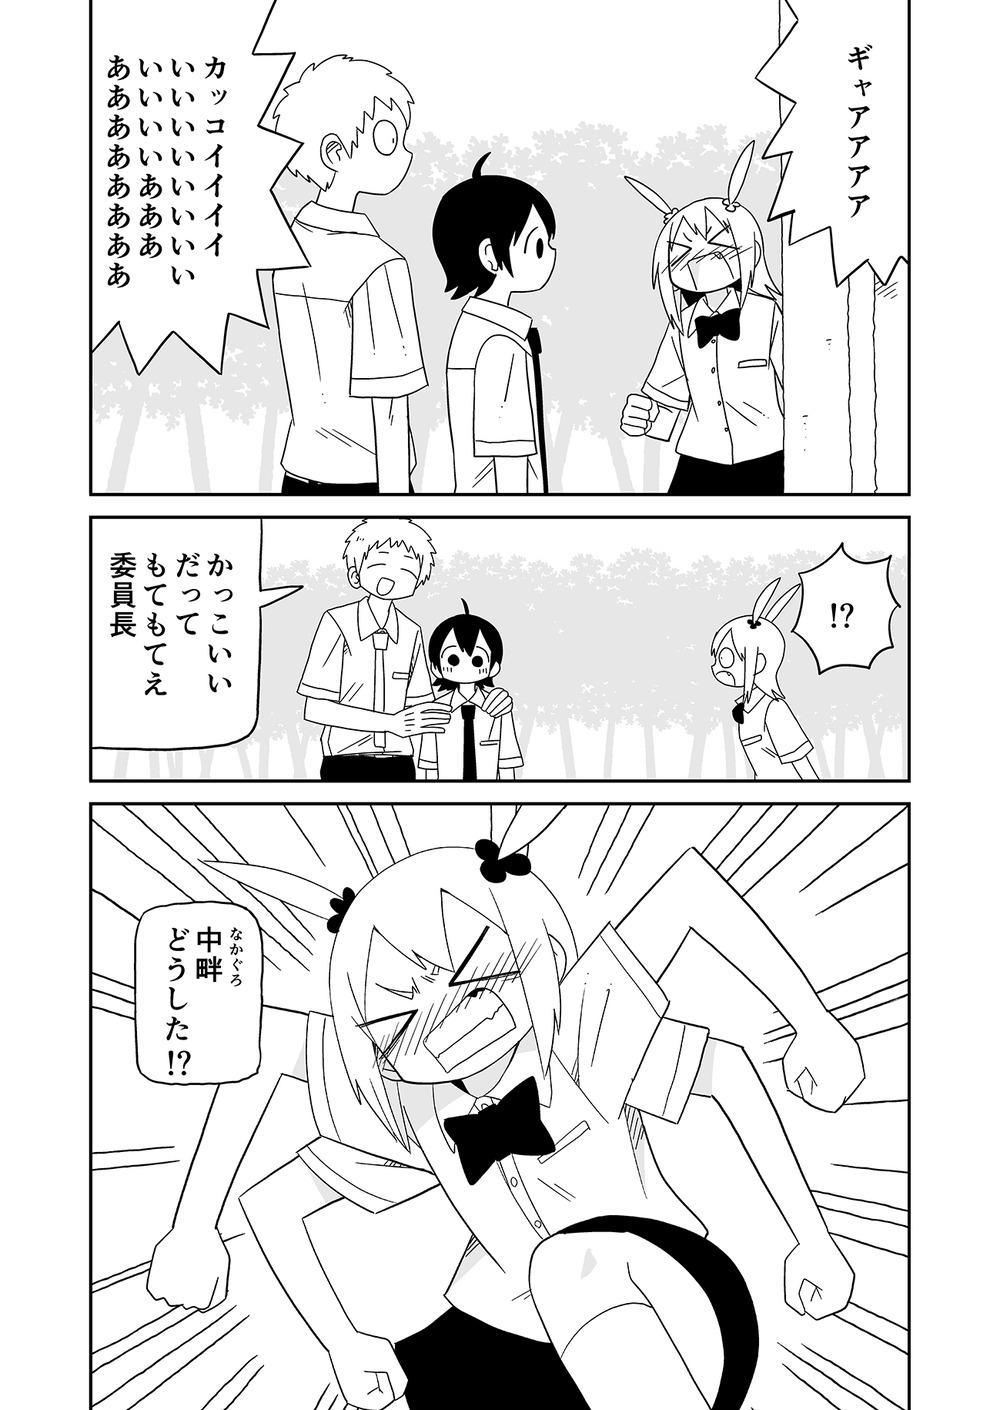 潮舞データオマケ30024